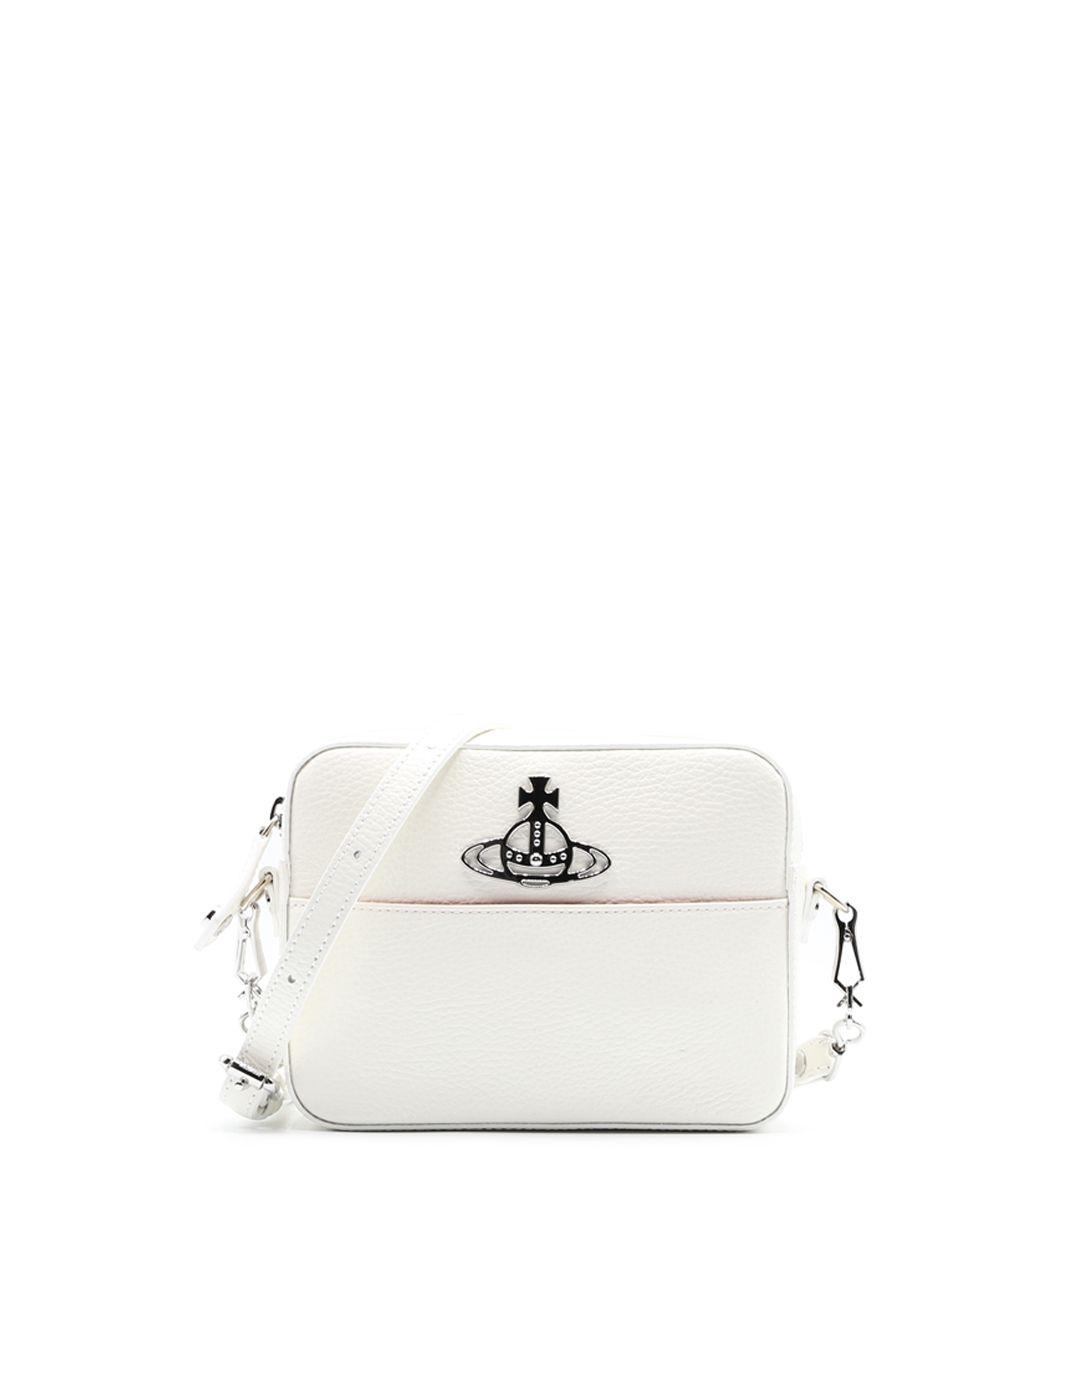 Vivienne Westwood White Leather Shoulder Bag